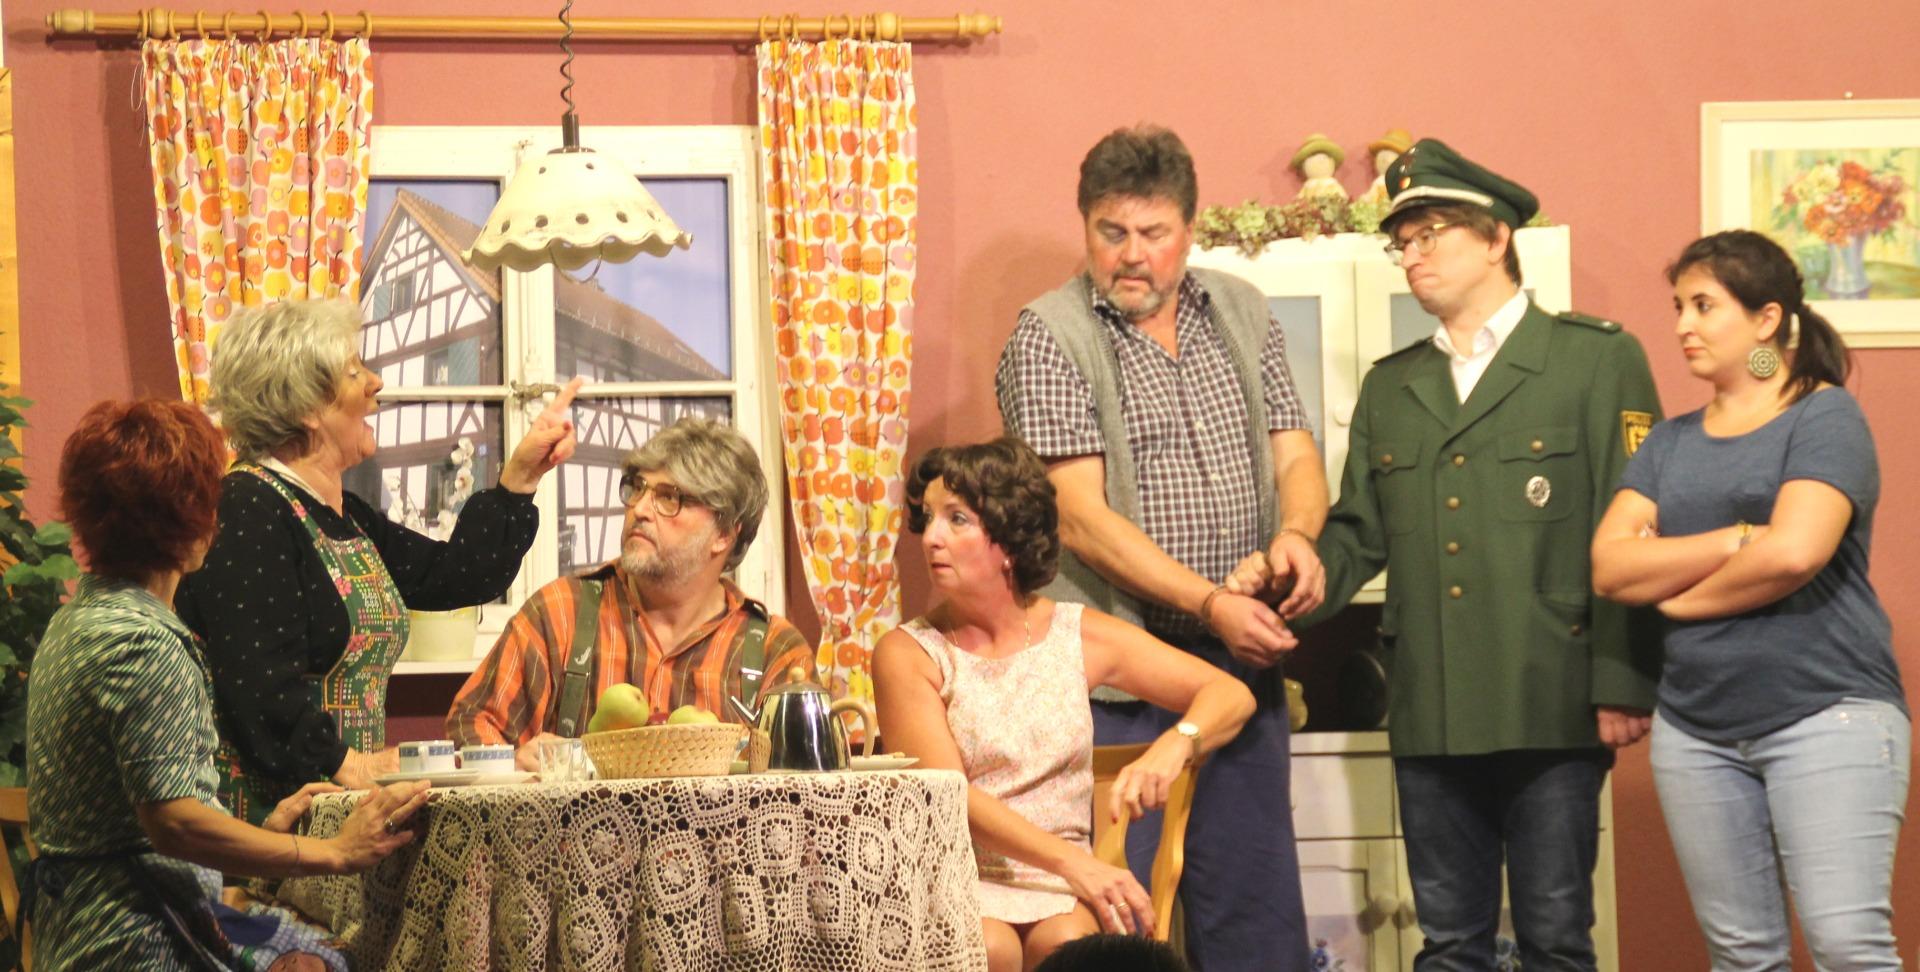 ▷ Richener Speckmärbslestheater begeisterte das Publikum - Eppingen.org